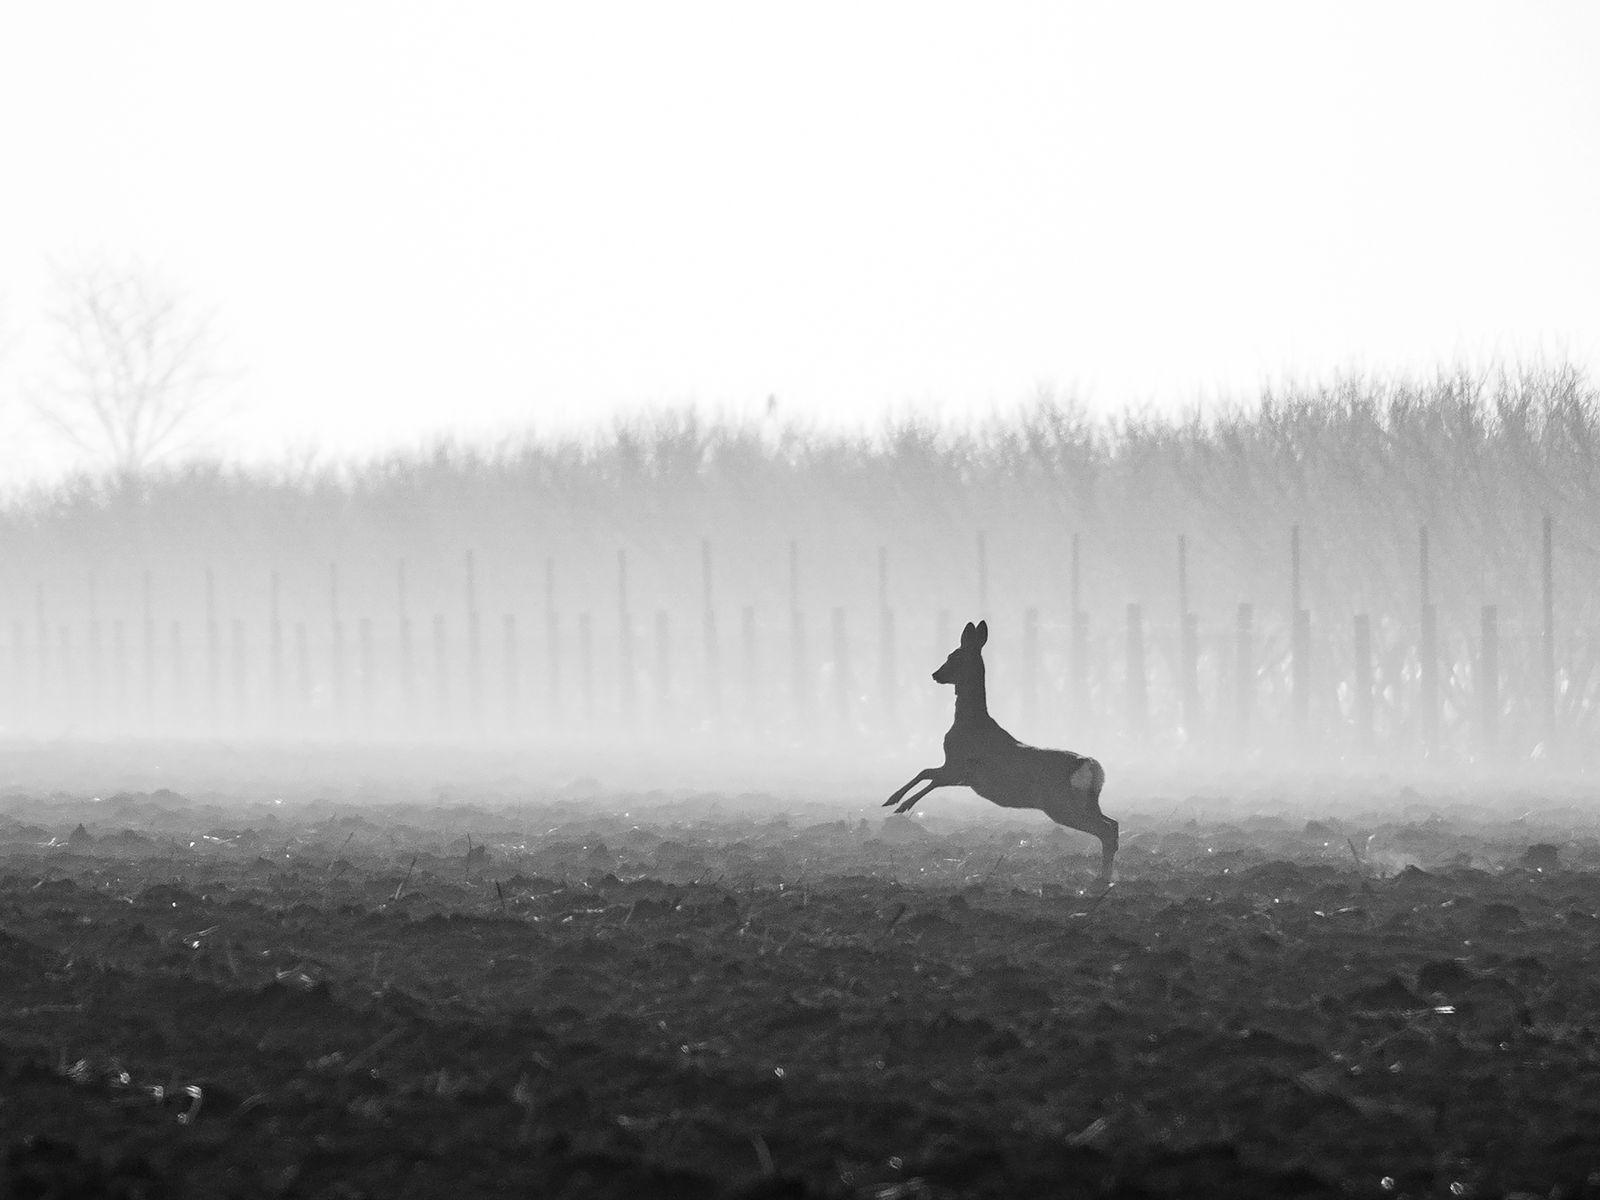 Ples u magli (Dance in the fog), Dejan Valek